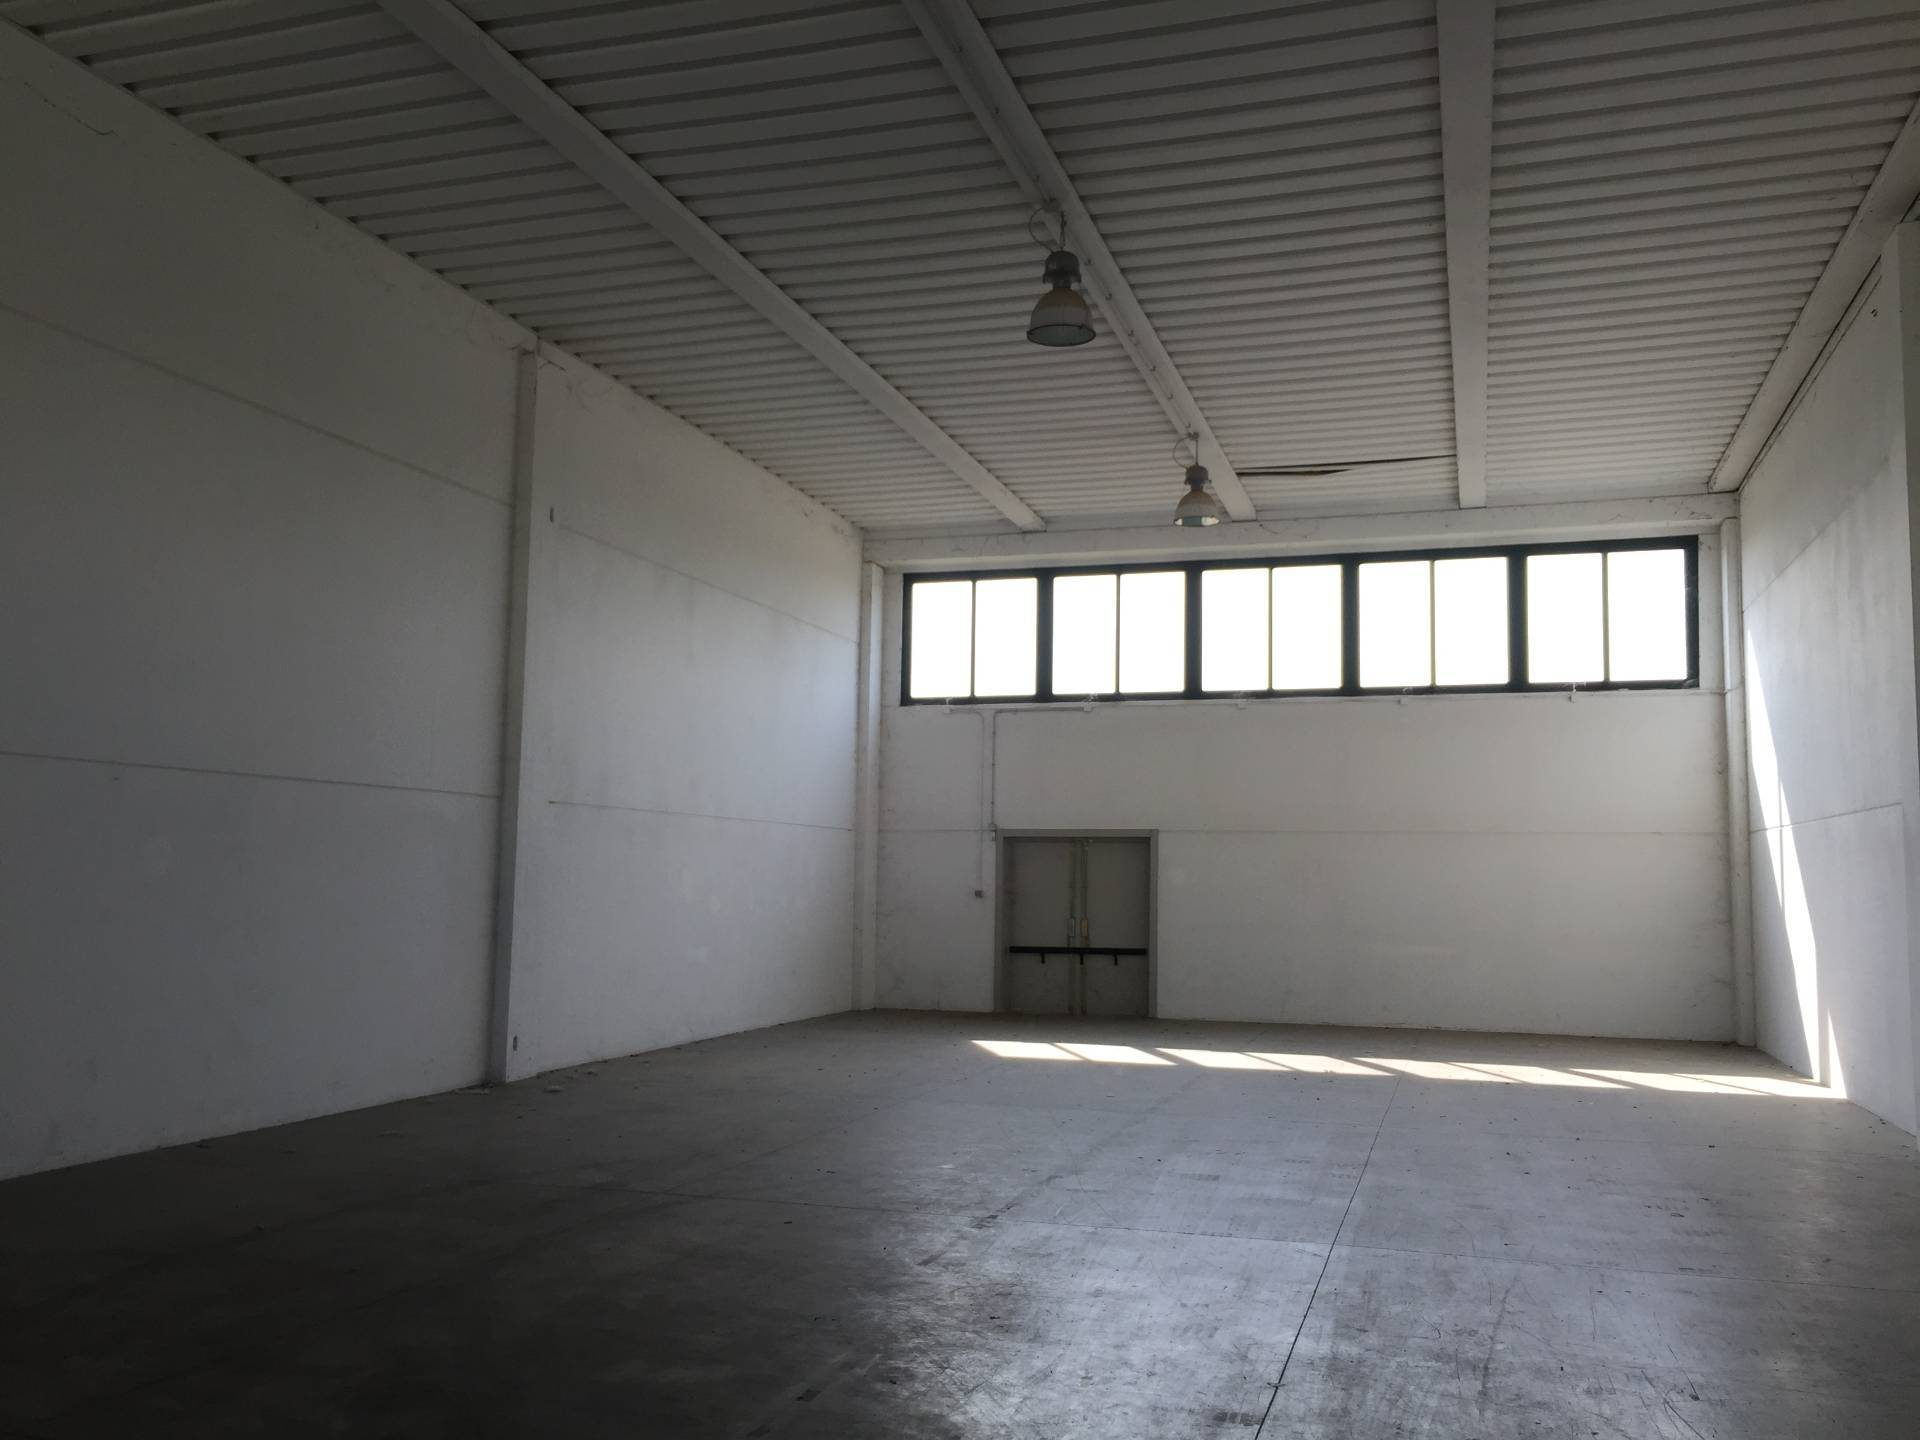 Capannone in vendita a Paese, 9999 locali, zona Zona: Postioma, prezzo € 110.000 | CambioCasa.it